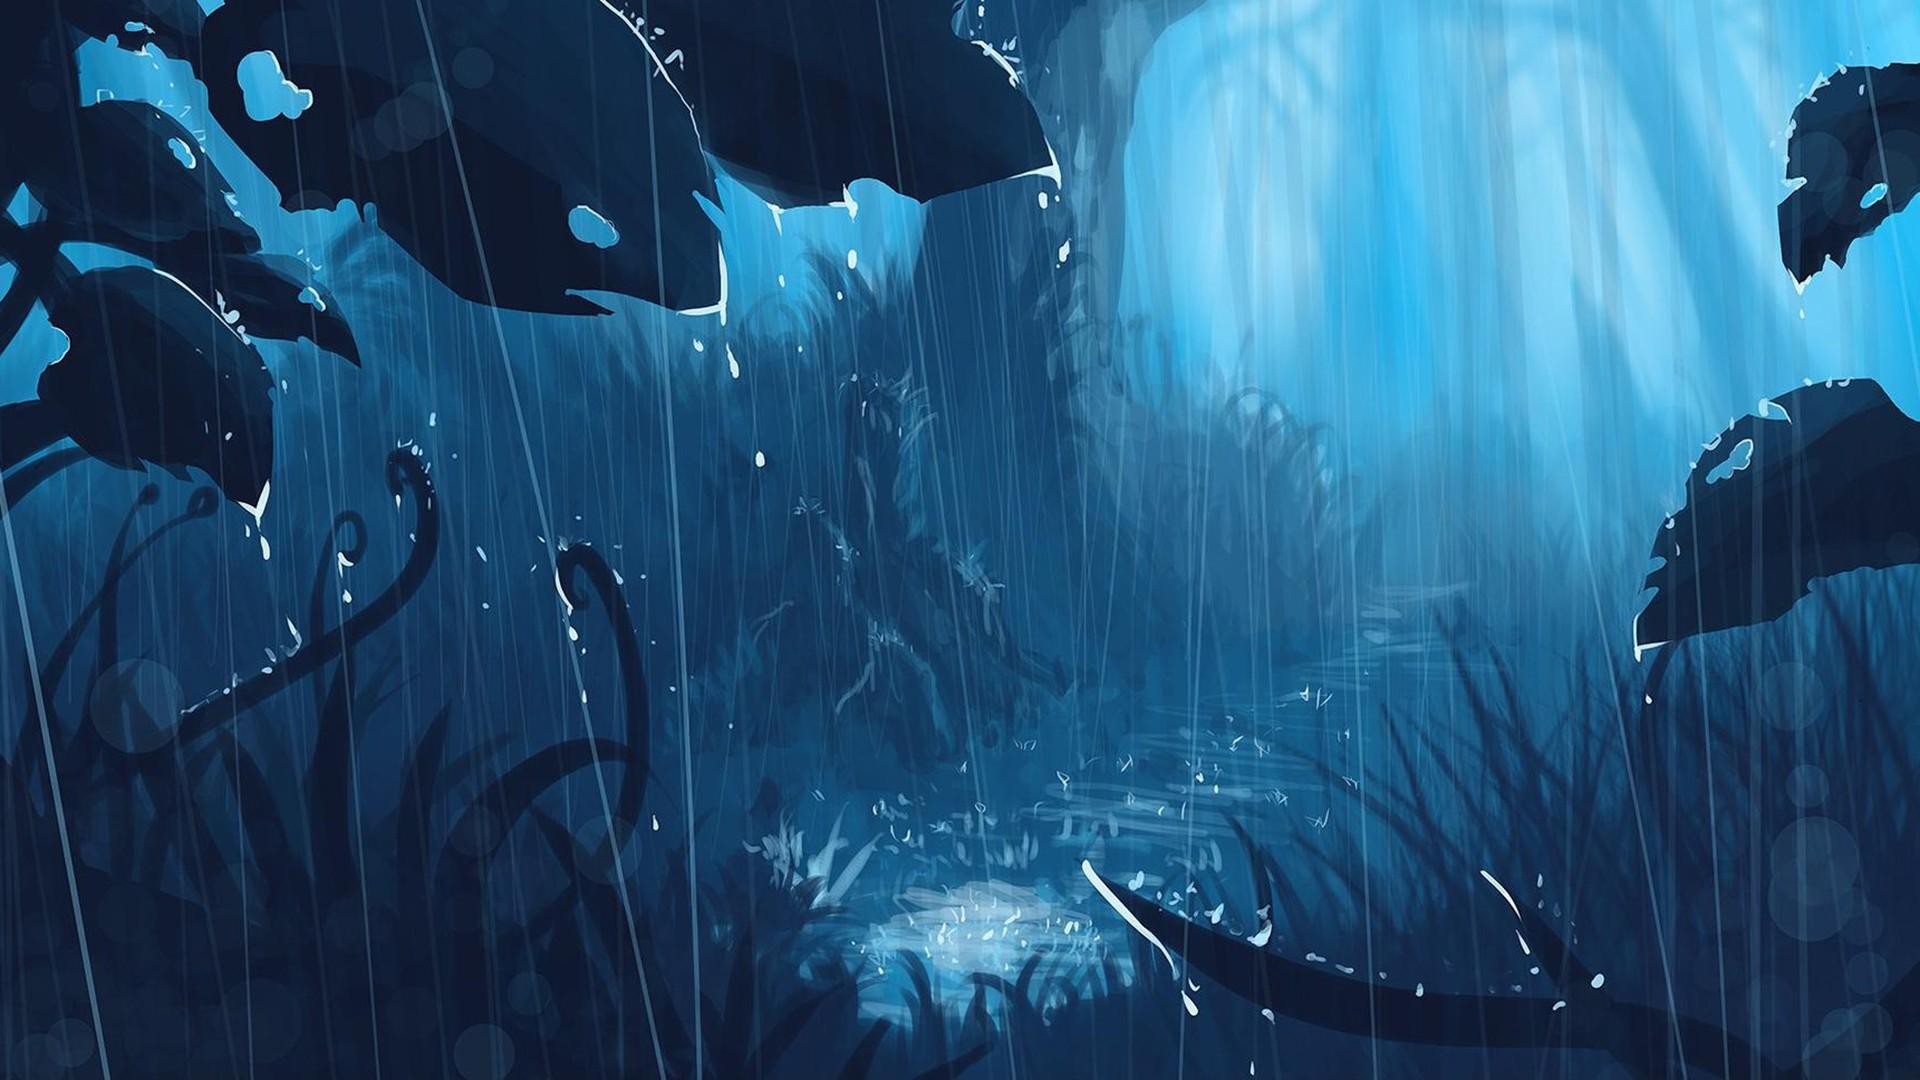 Anime Rain wallpaper and themes